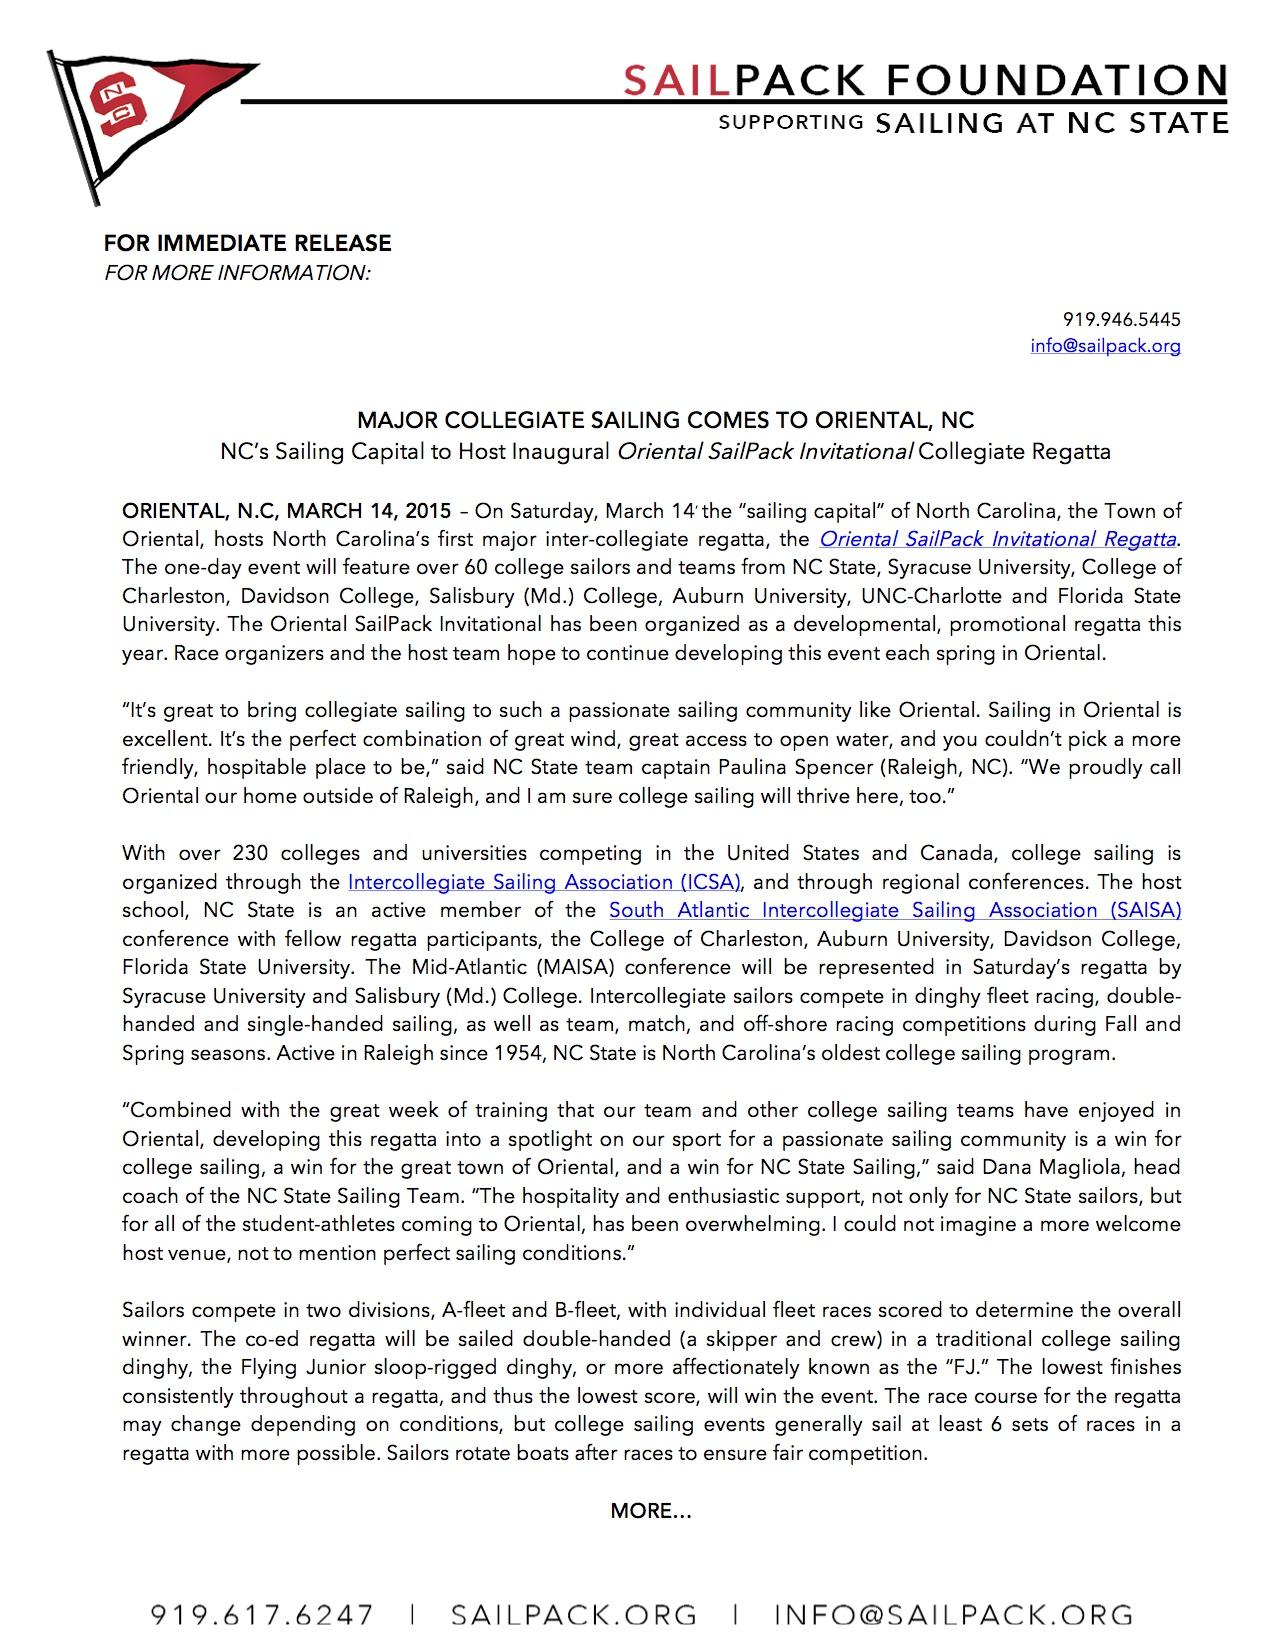 SailPack_Oriental_Press_Release_(JPG).jpg